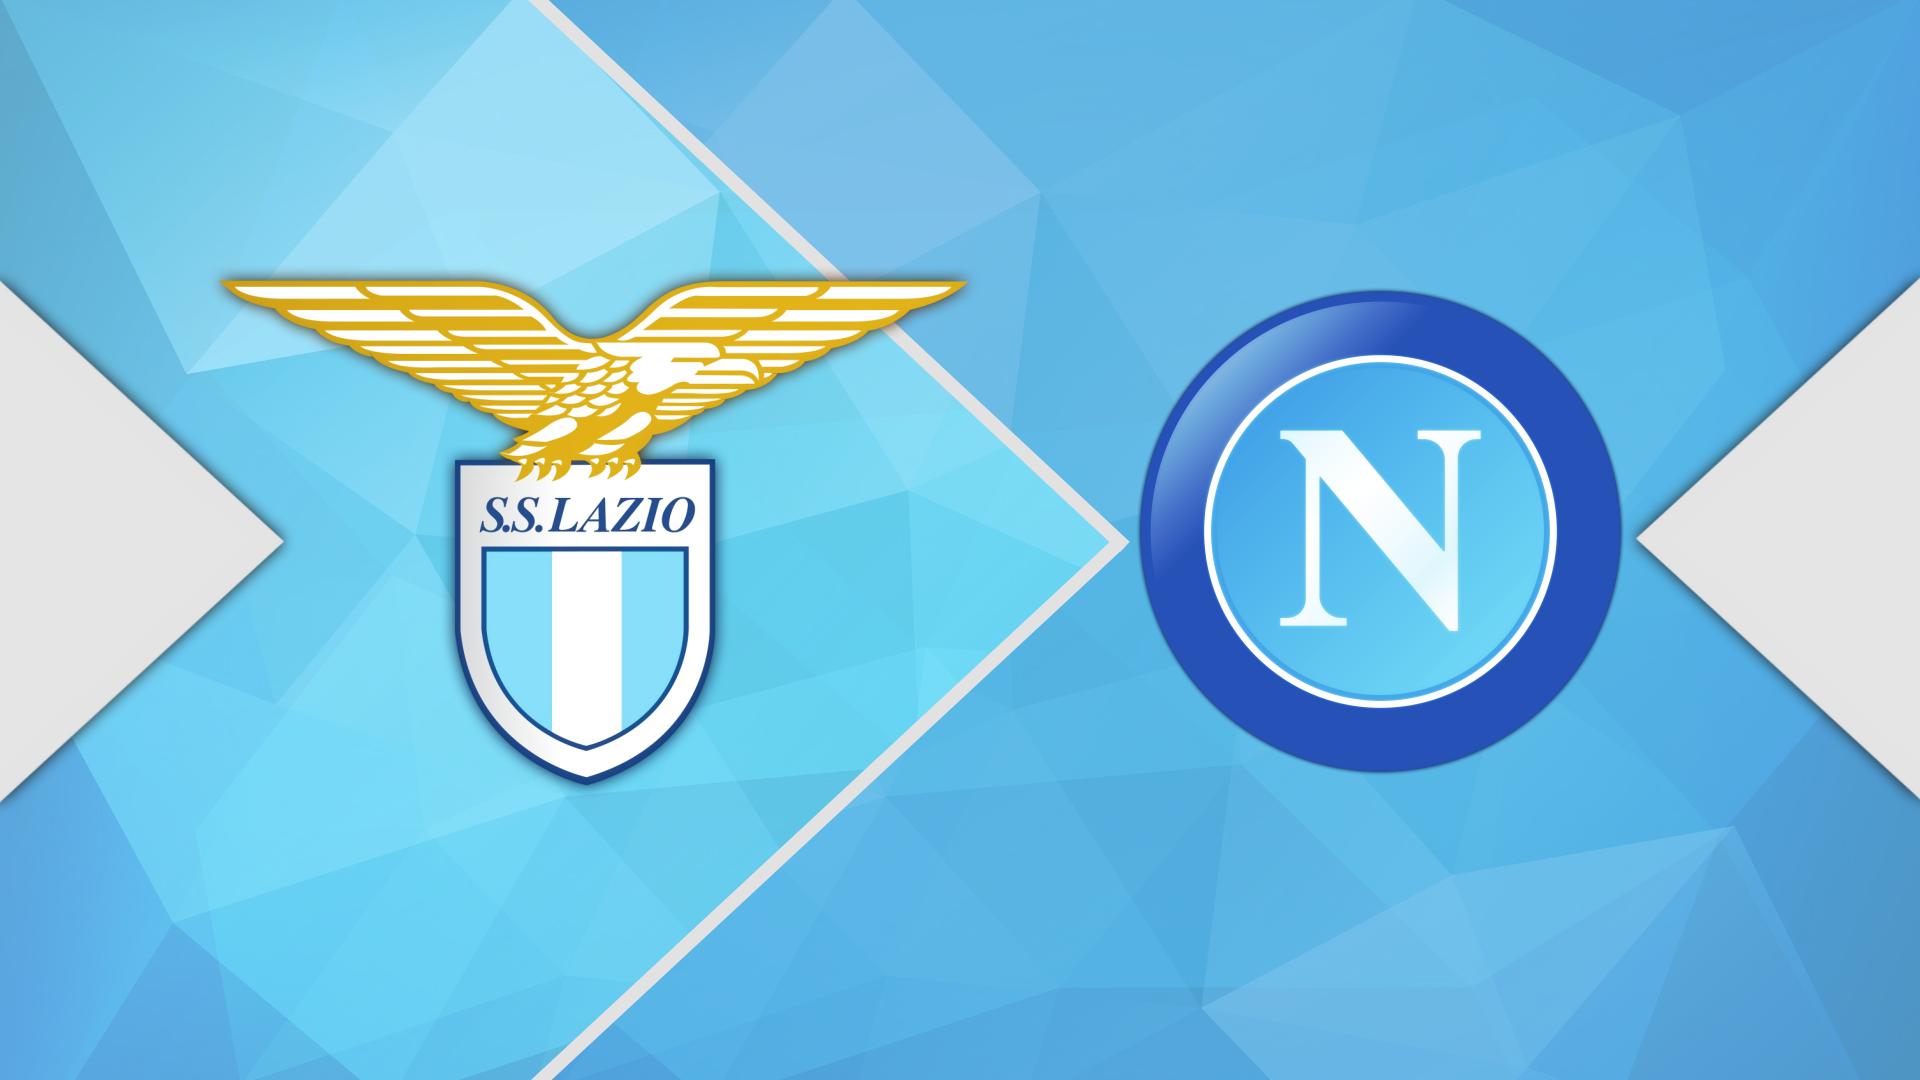 Lazio Vs Napoli Match Preview Lineups Prediction The